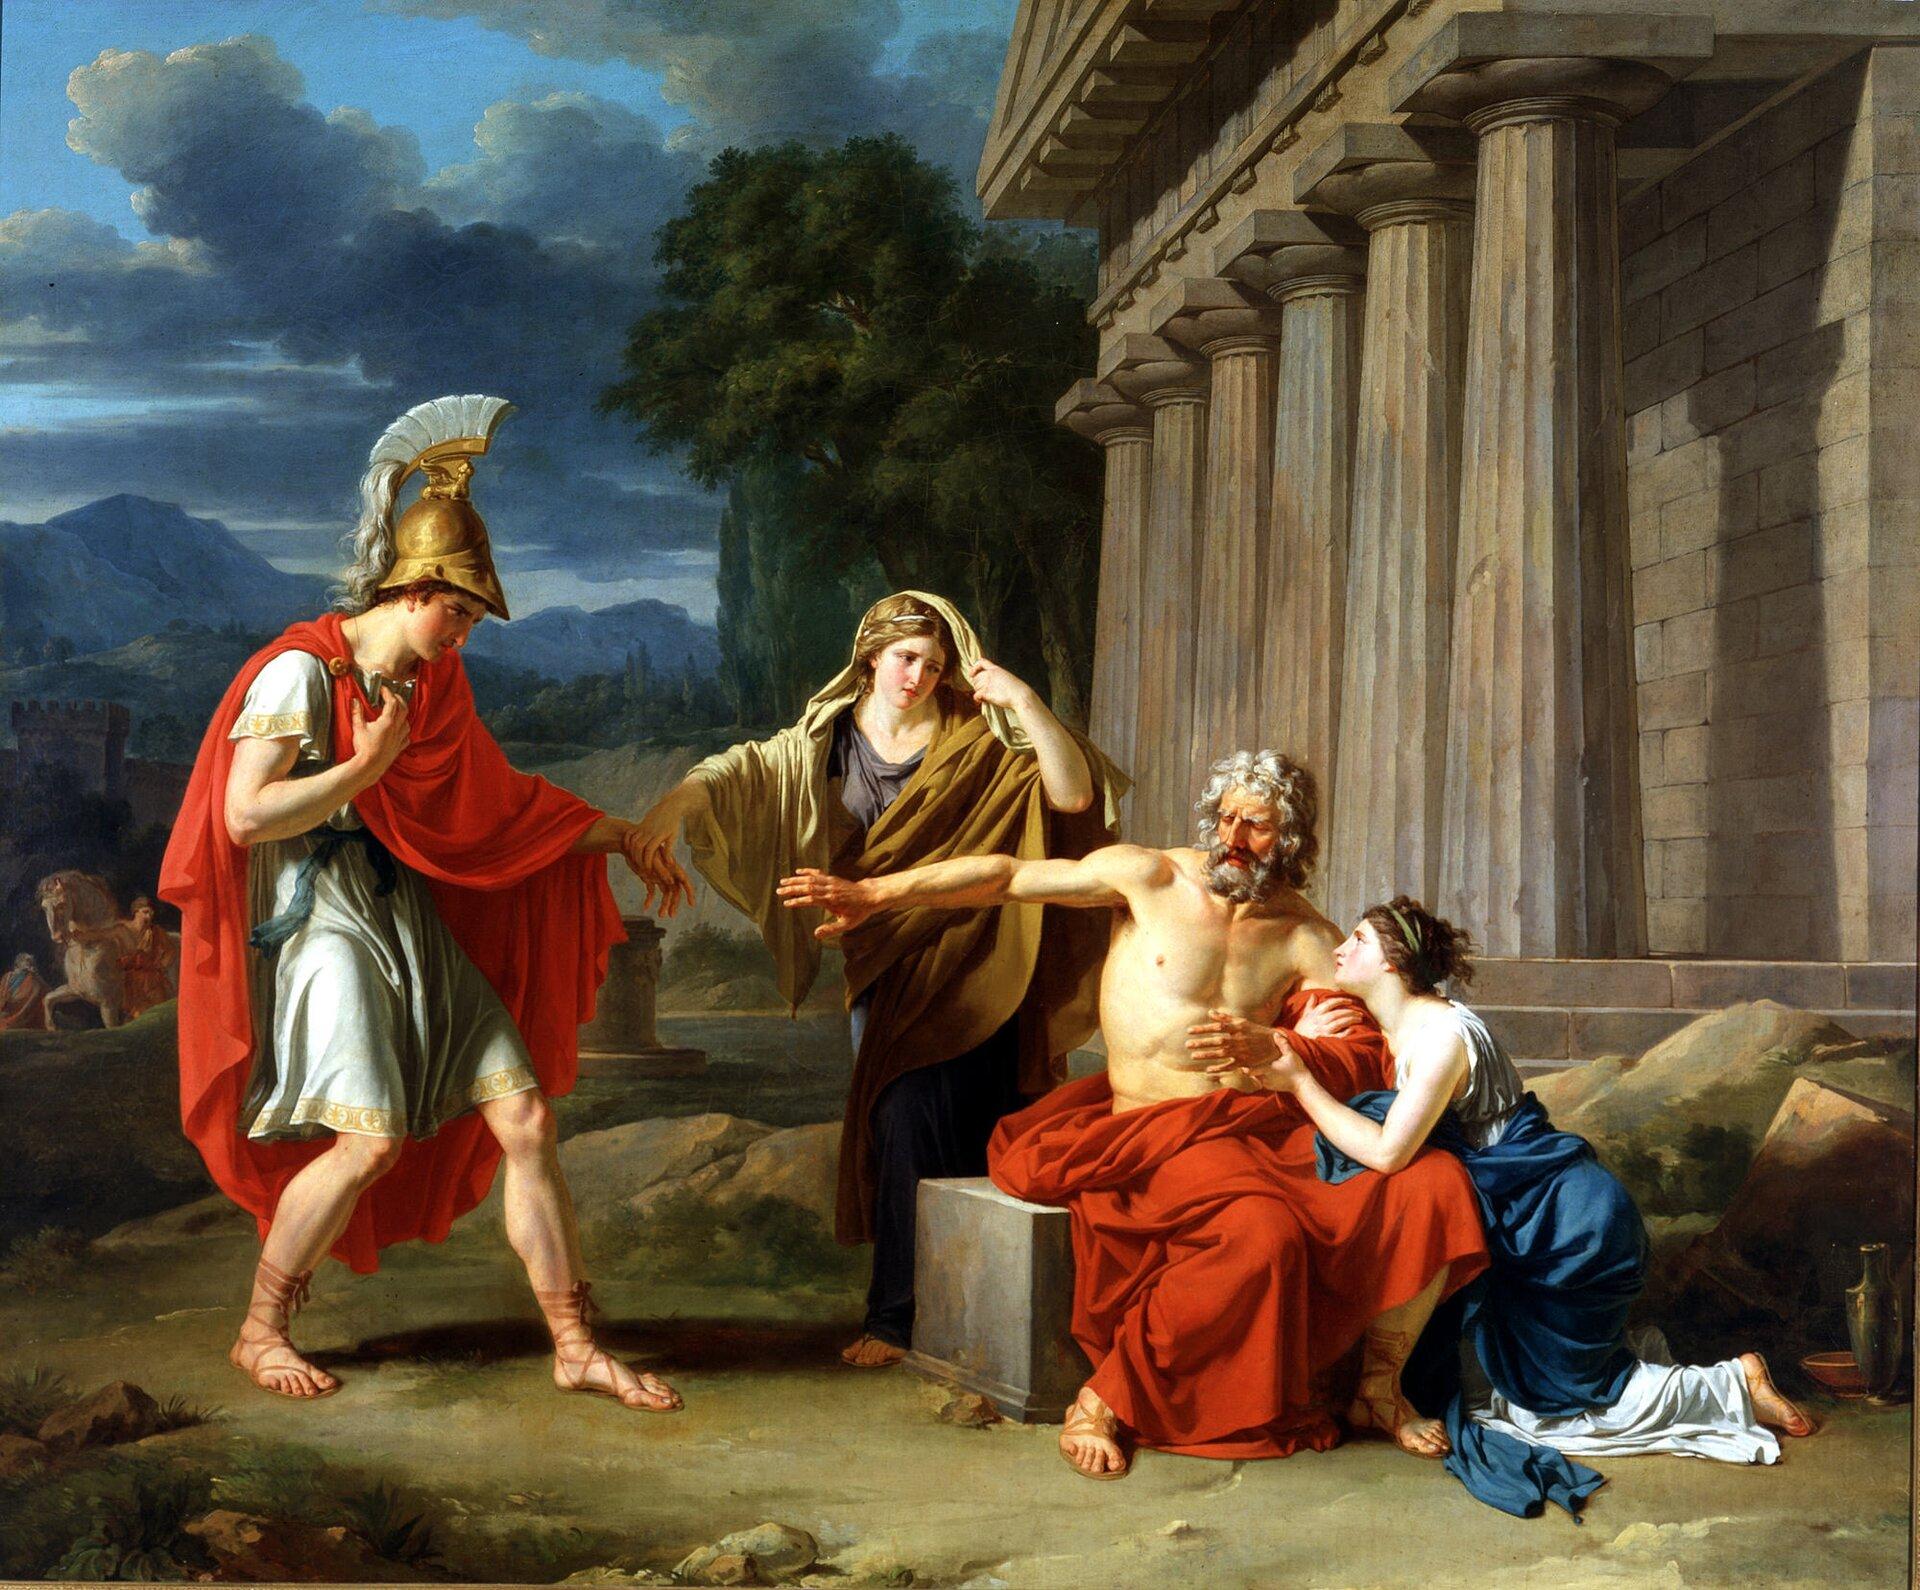 Edyp wKolonie Francuski malarz Jean Giroust zatytułował swoje dzieło Edyp wKolonie (1788). Taki sam tytuł nosi ostatnia tragedia Sofoklesa, wystawiona już po jego śmierci. Grecki twórca umieścił akcję wswej rodzinnej Kolonie (wiosce niedaleko Aten). Właśnie tam, zgodnie ztradycją, zmarł Edyp. Źródło: Jean-Antoine-Théodore Giroust, Edyp wKolonie, 1788, Dallas Museum of Art, domena publiczna.